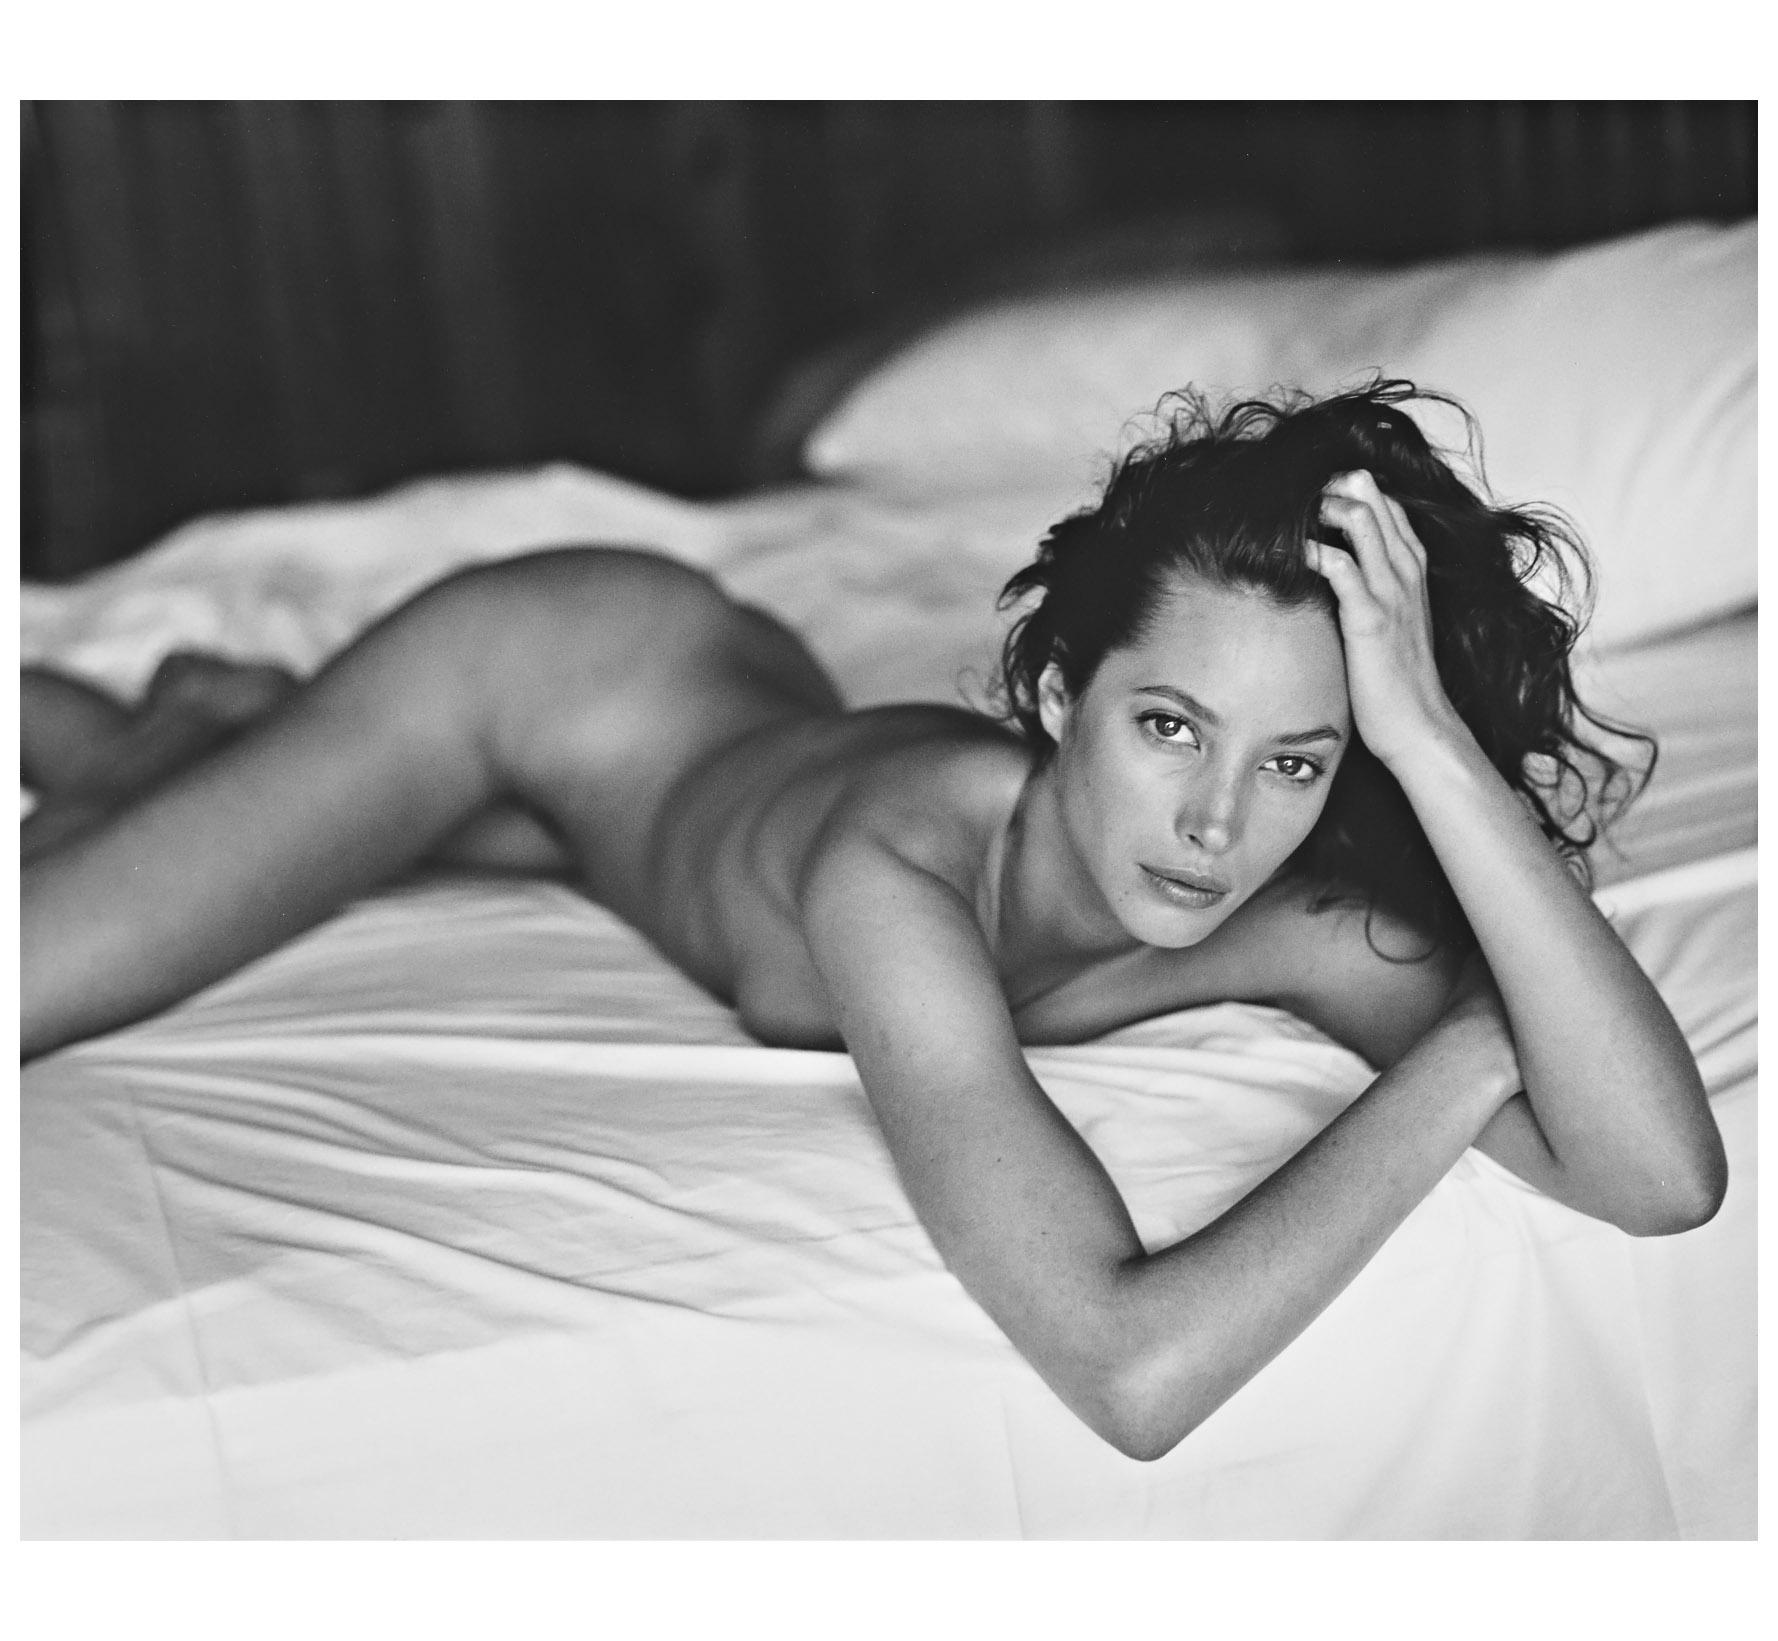 Kate hudson naked spanking scene on scandalplanetcom - 3 part 1